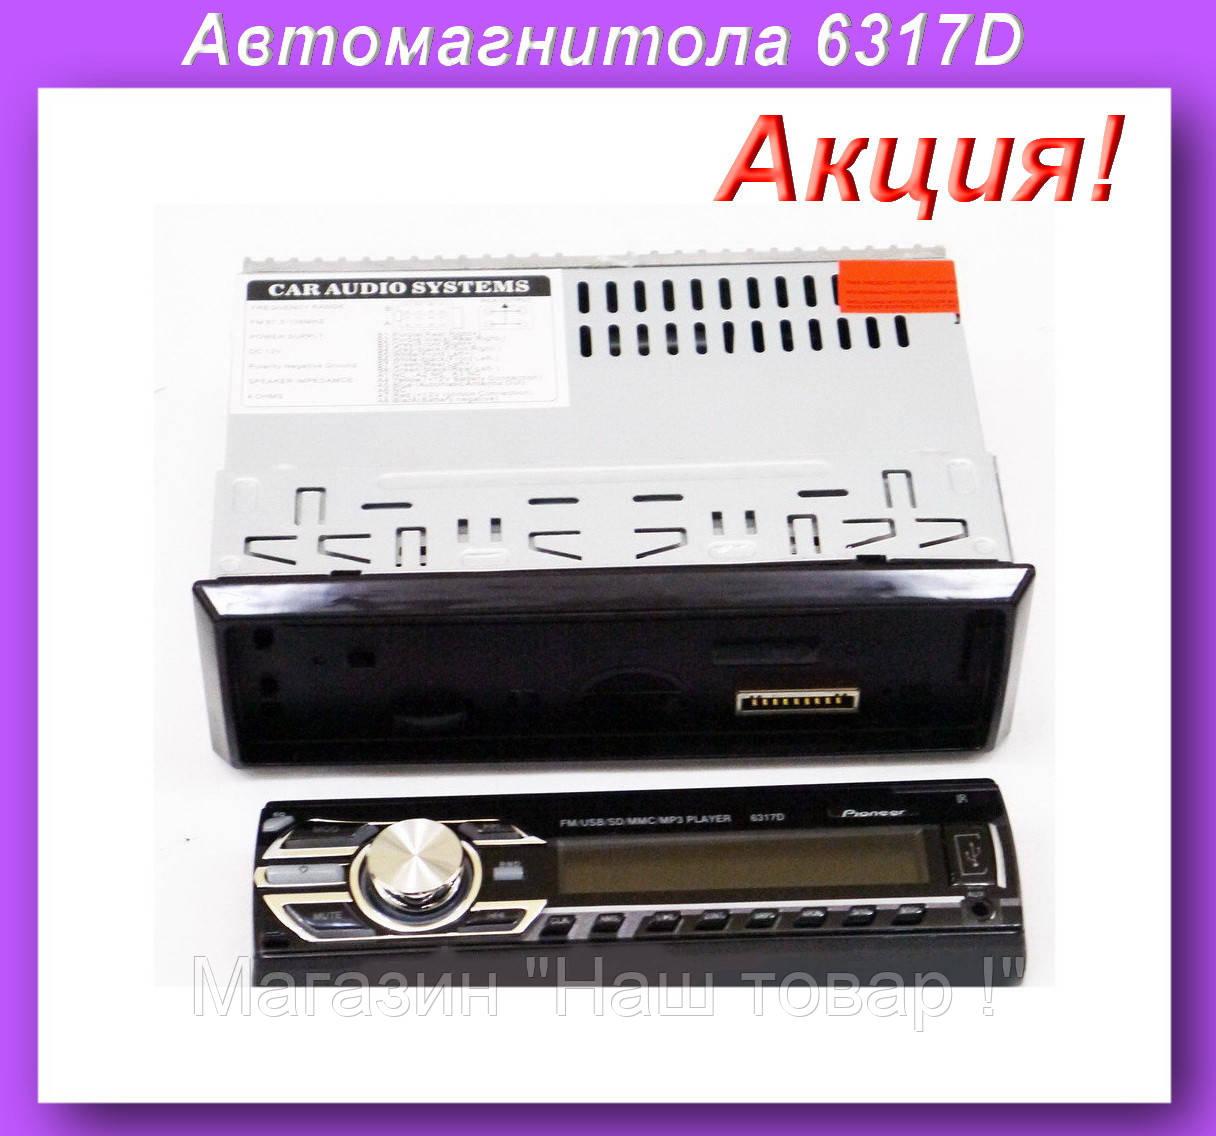 6317D Автомагнитола магнитола Сьемная панель!Акция